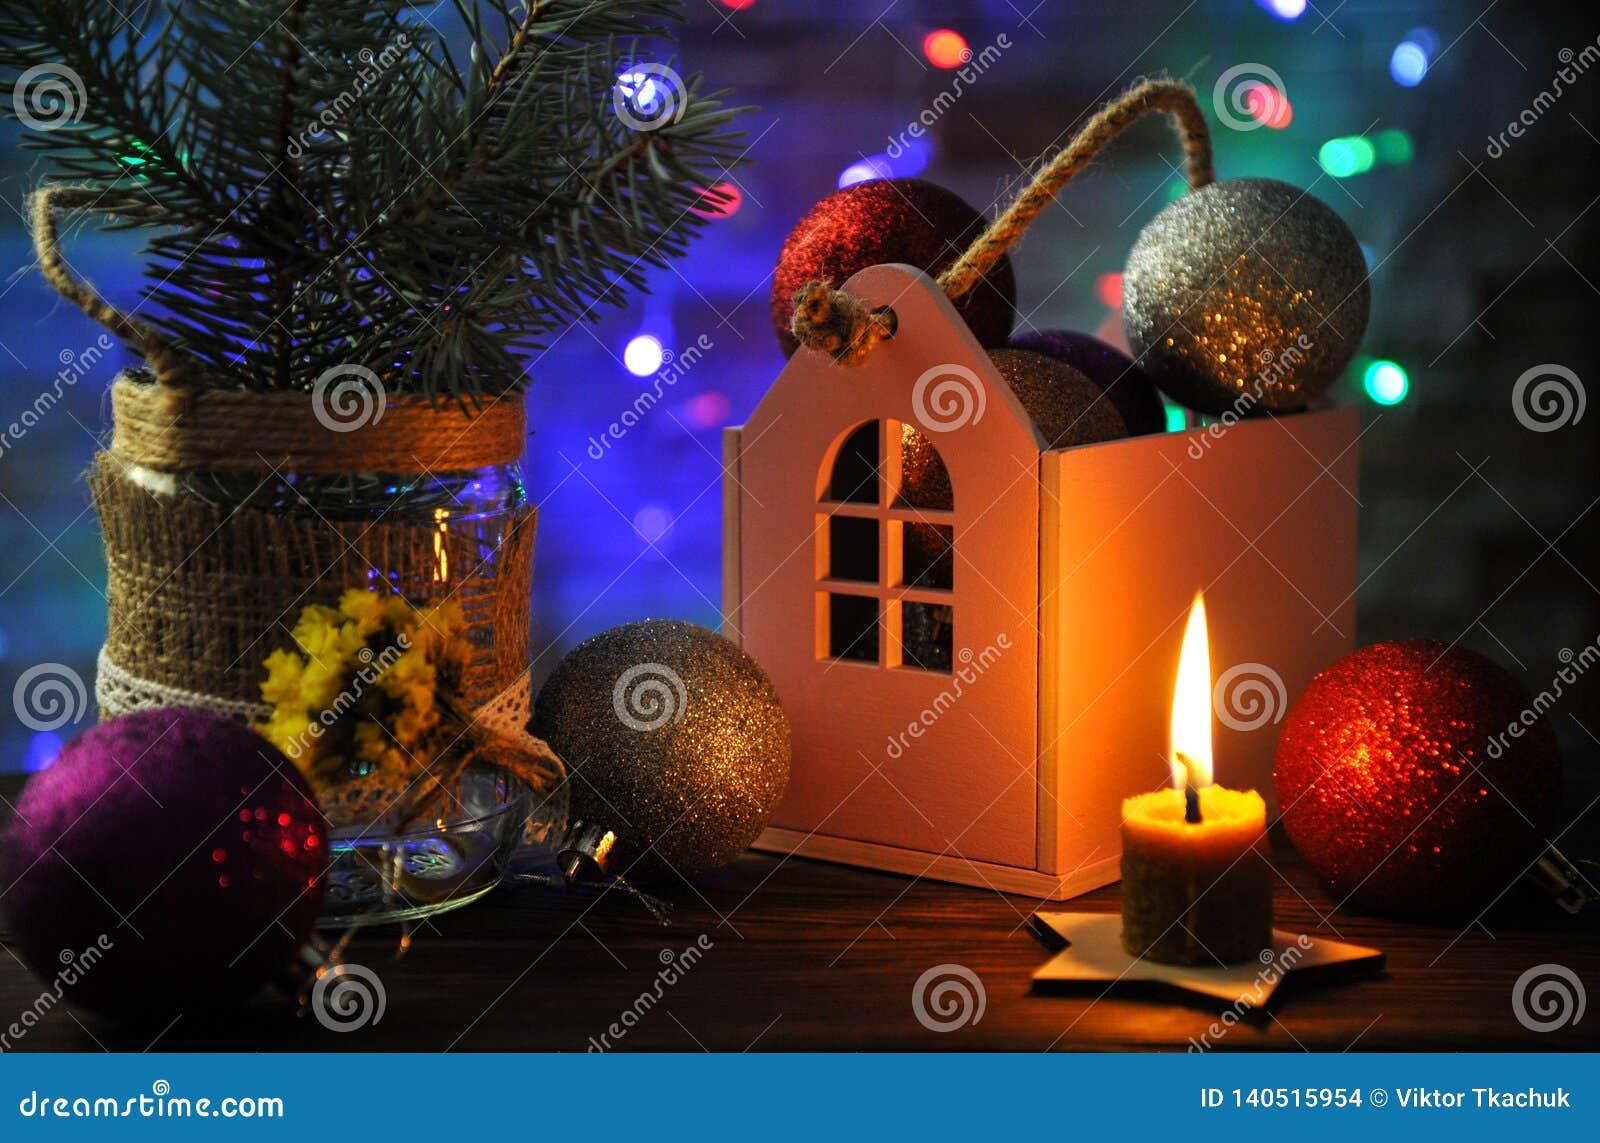 Weihnachtszusammensetzung mit einer brennenden Kerze, einem Haus und Weihnachtsdekorationen auf einer Tabelle